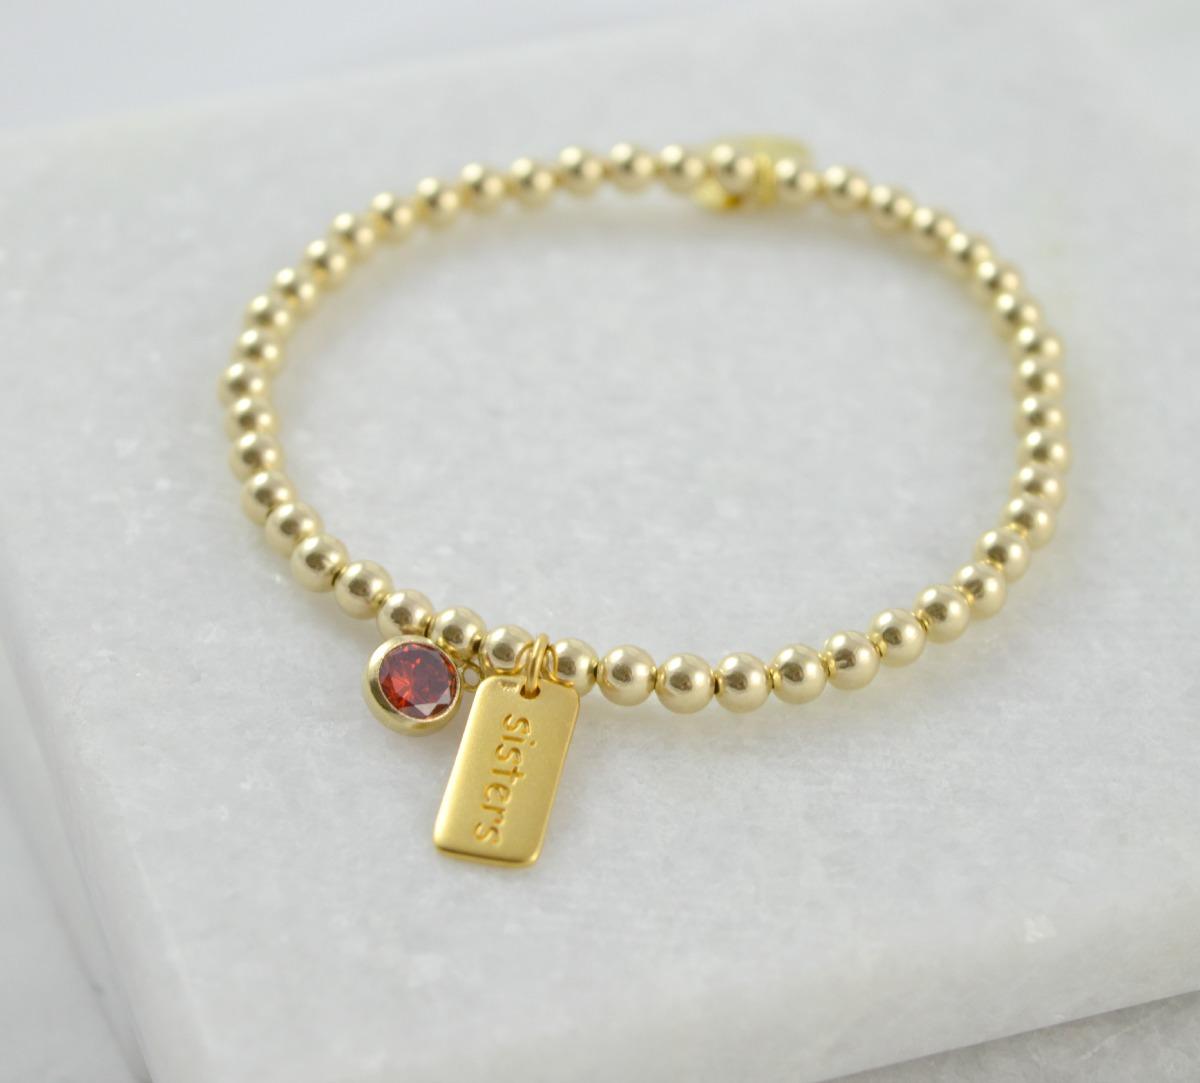 gold sisters bracelet with garnet